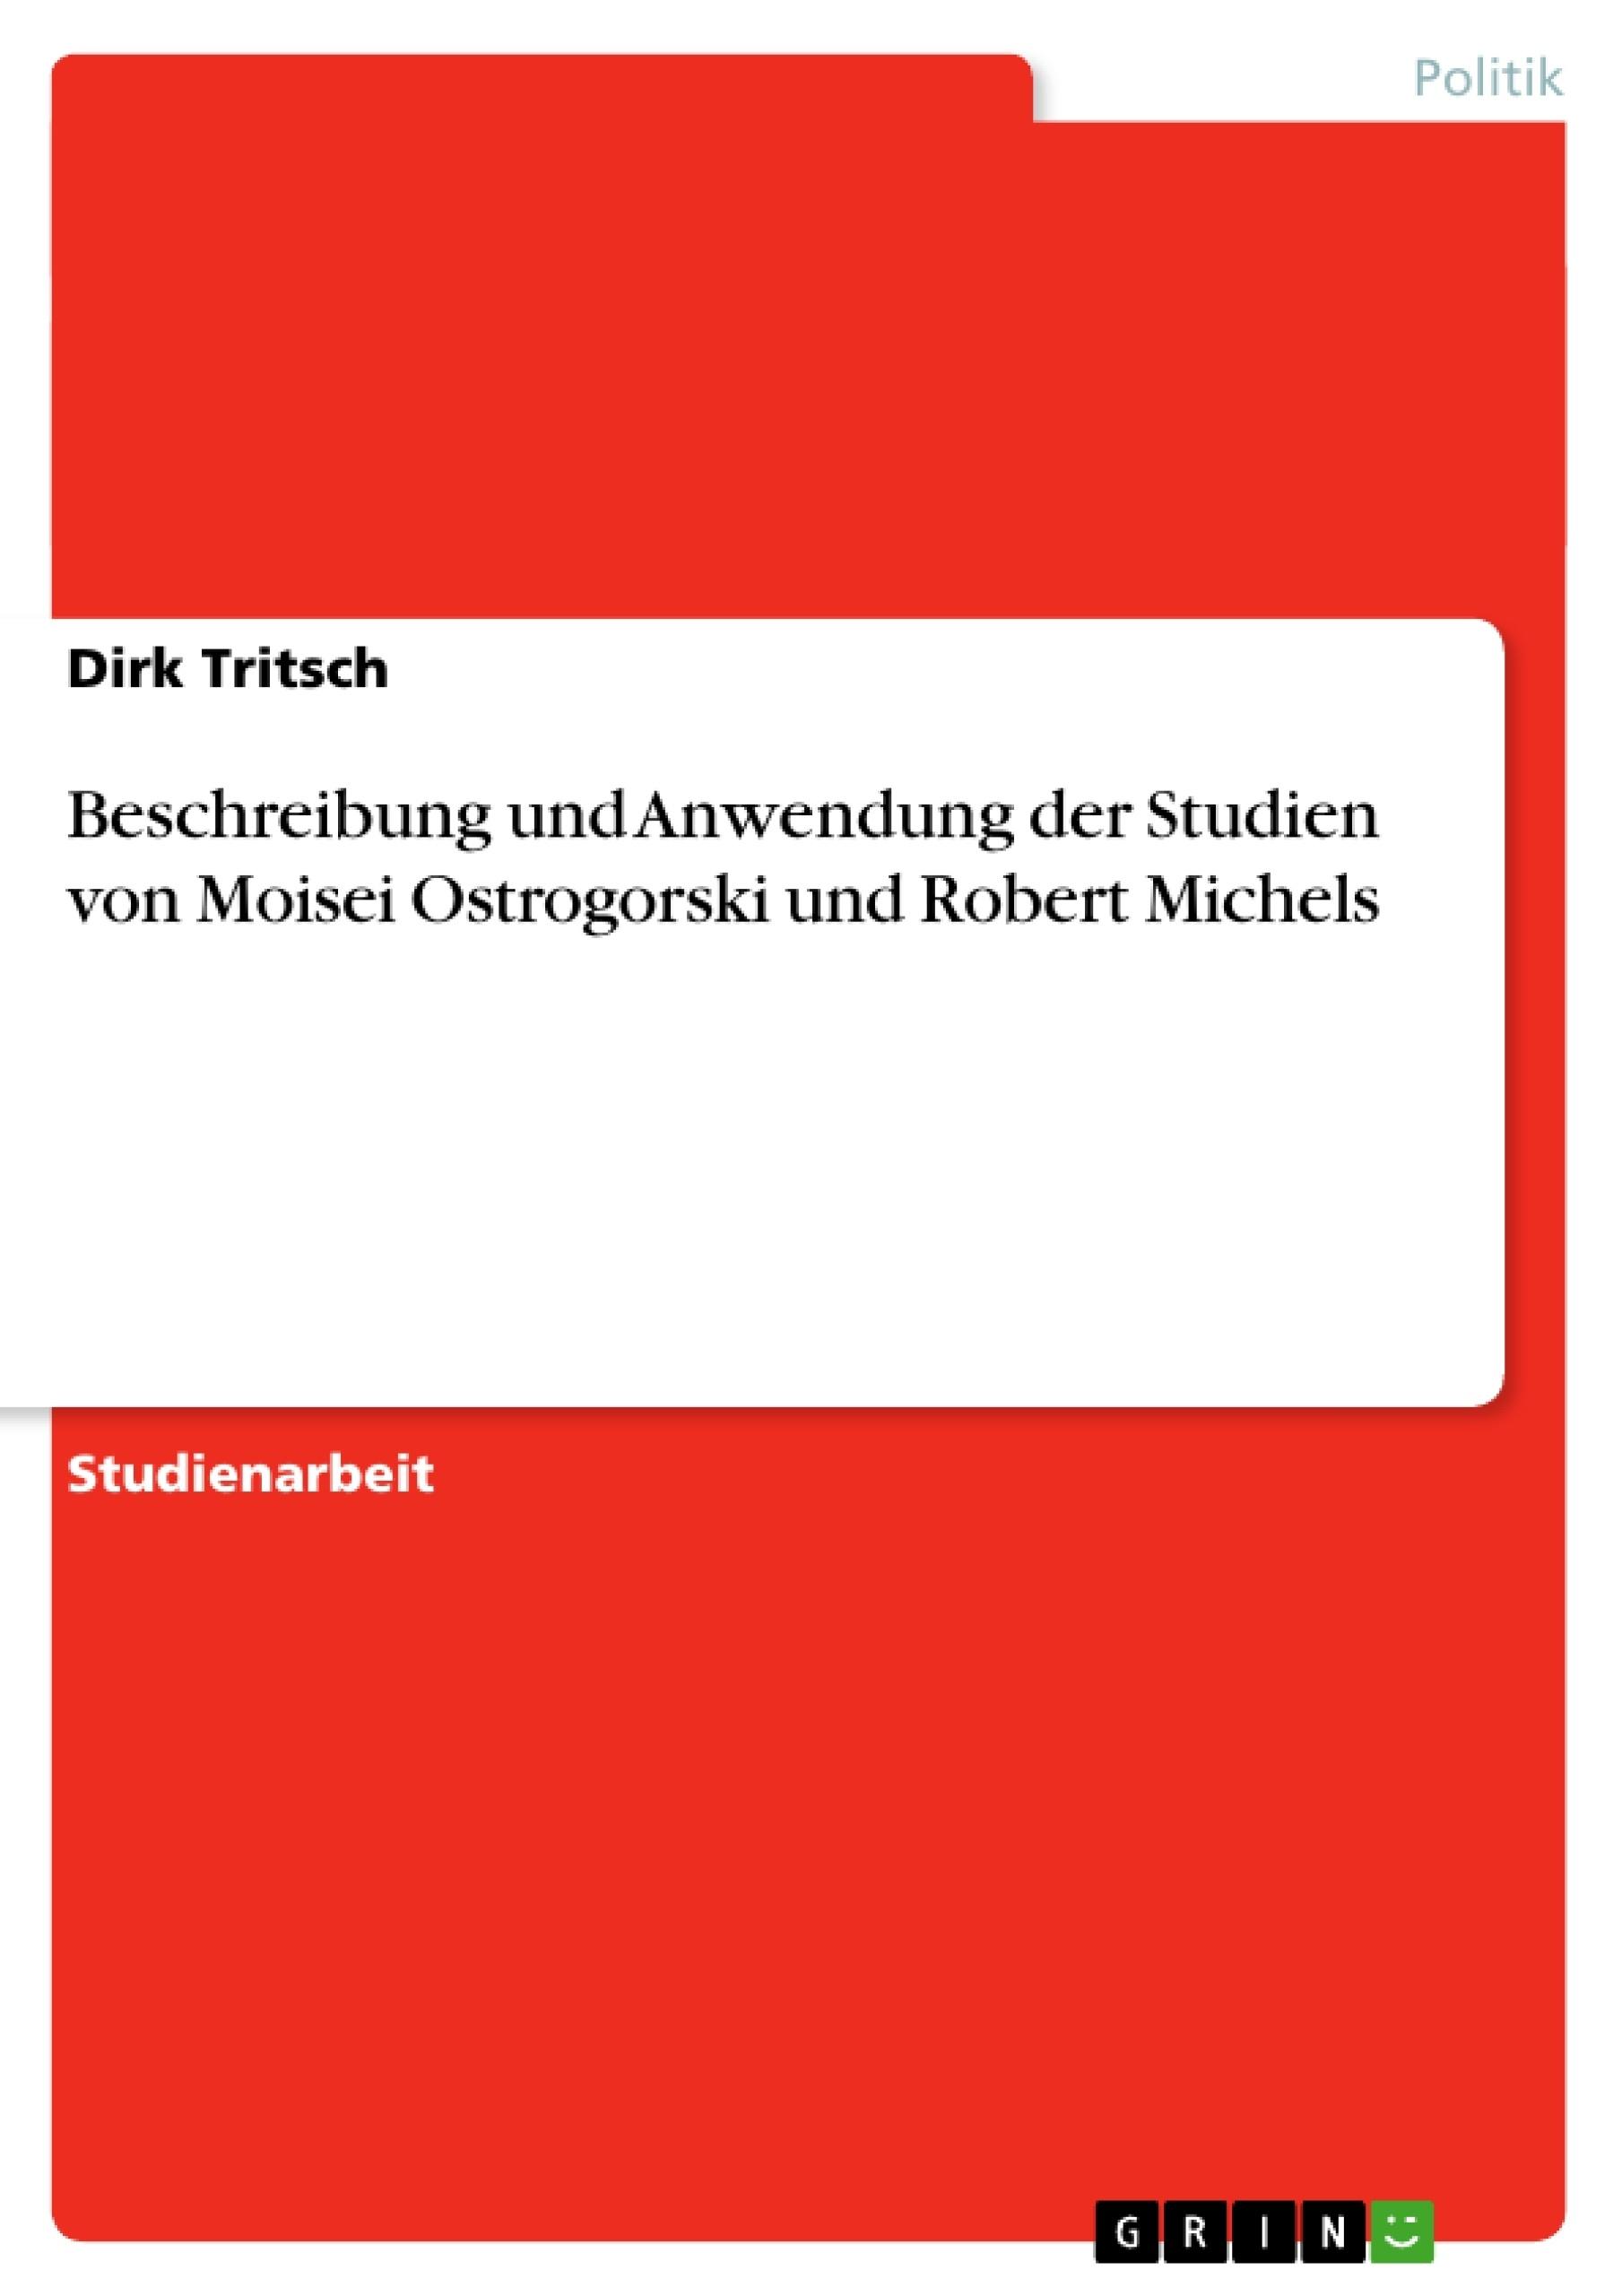 Titel: Beschreibung und Anwendung der Studien von Moisei Ostrogorski und Robert Michels